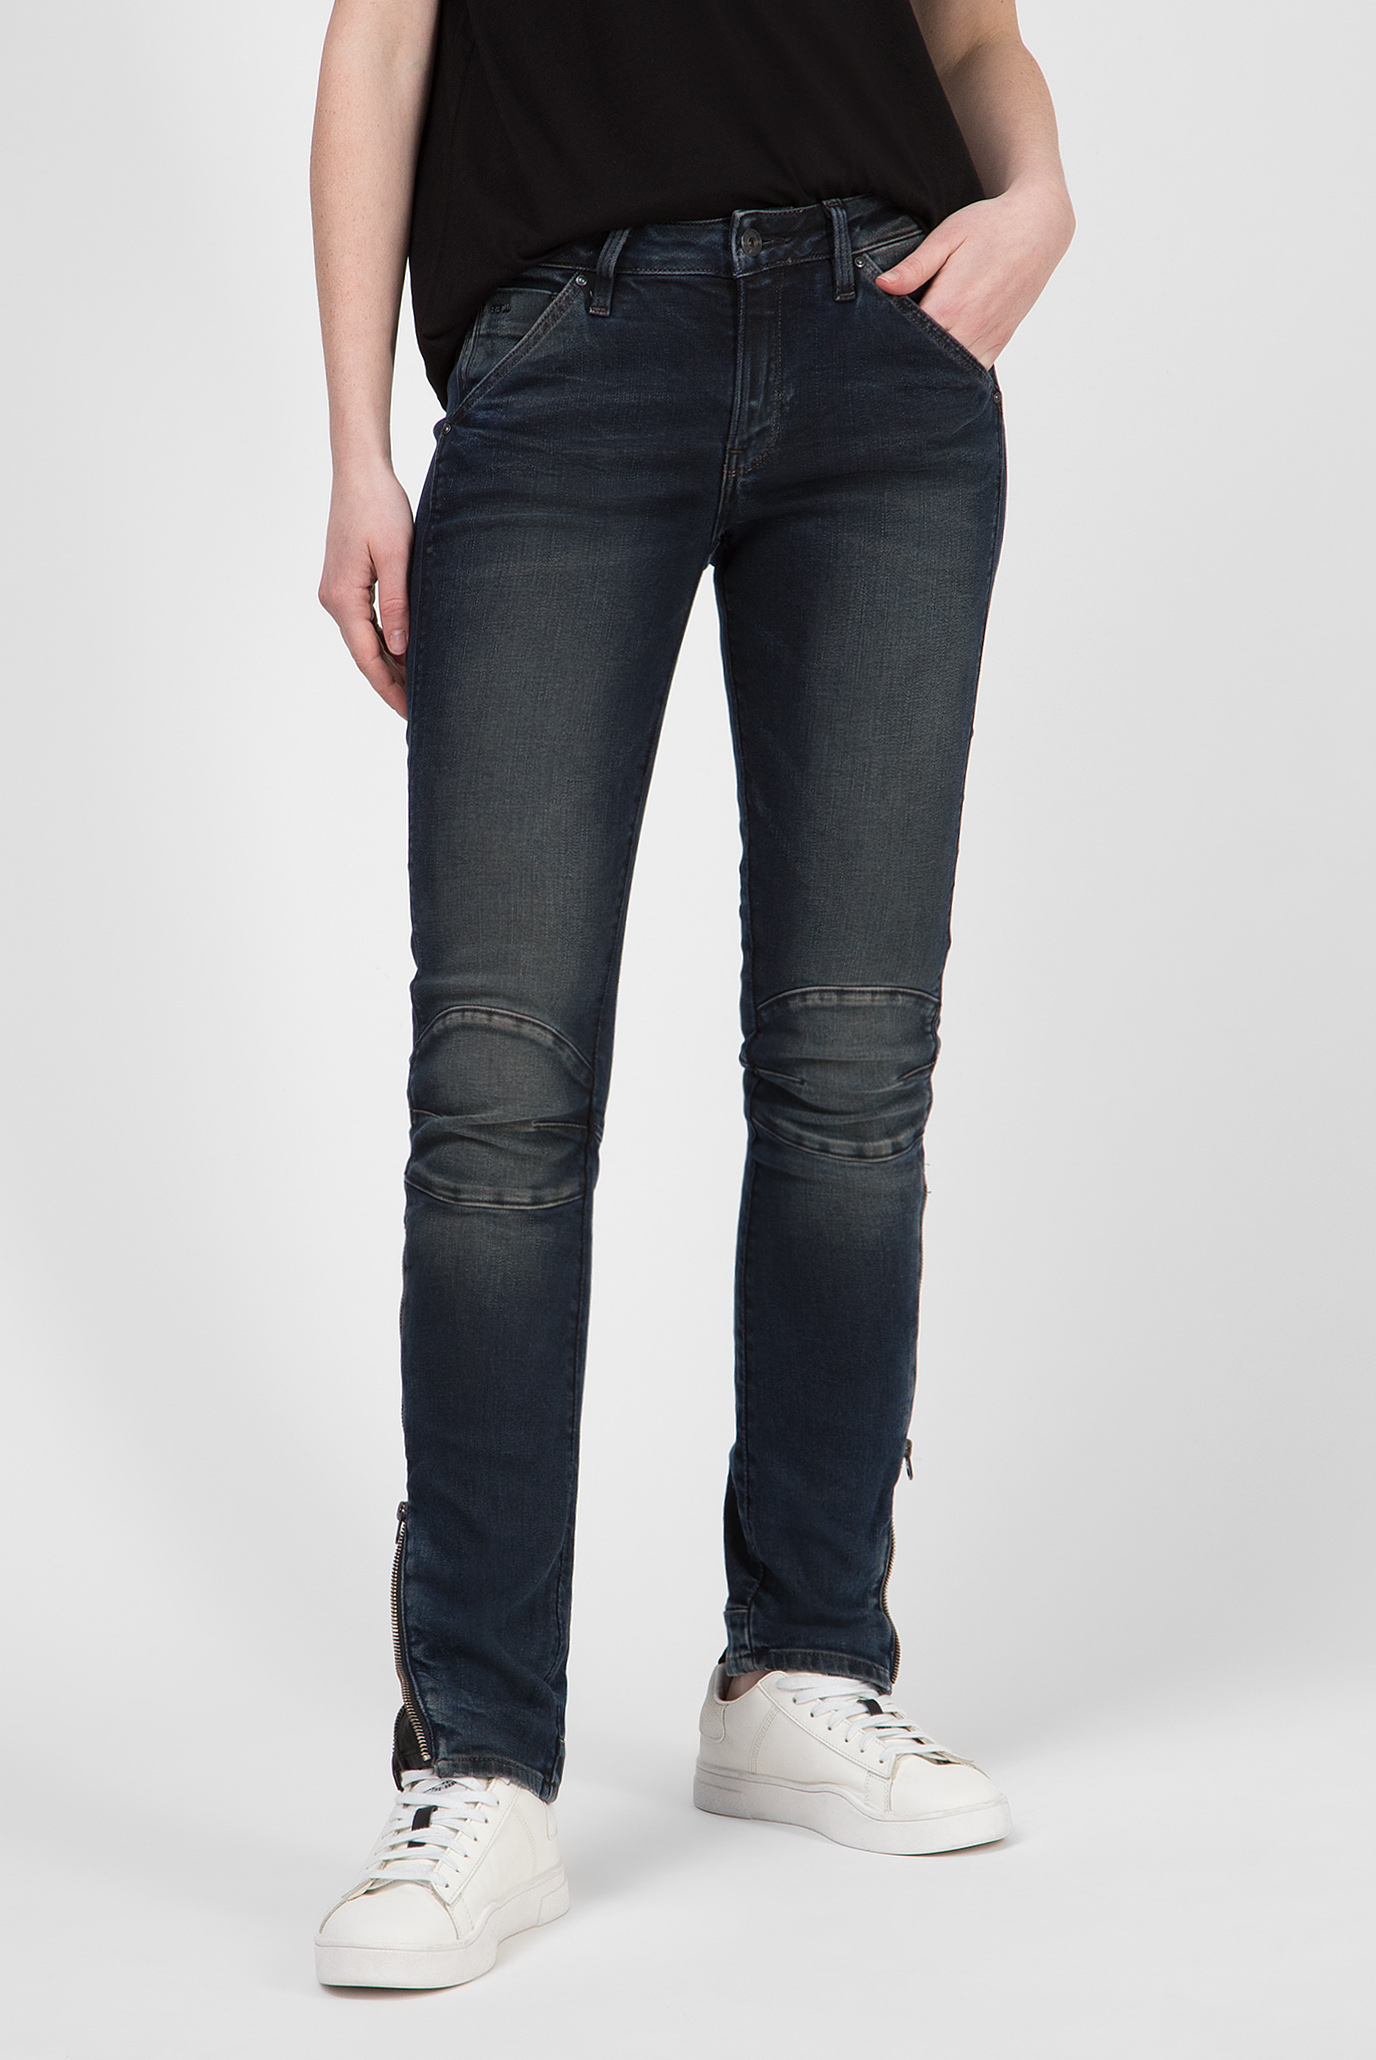 Женские темно-синие джинсы 5622 Zipper Mid Skinny 1